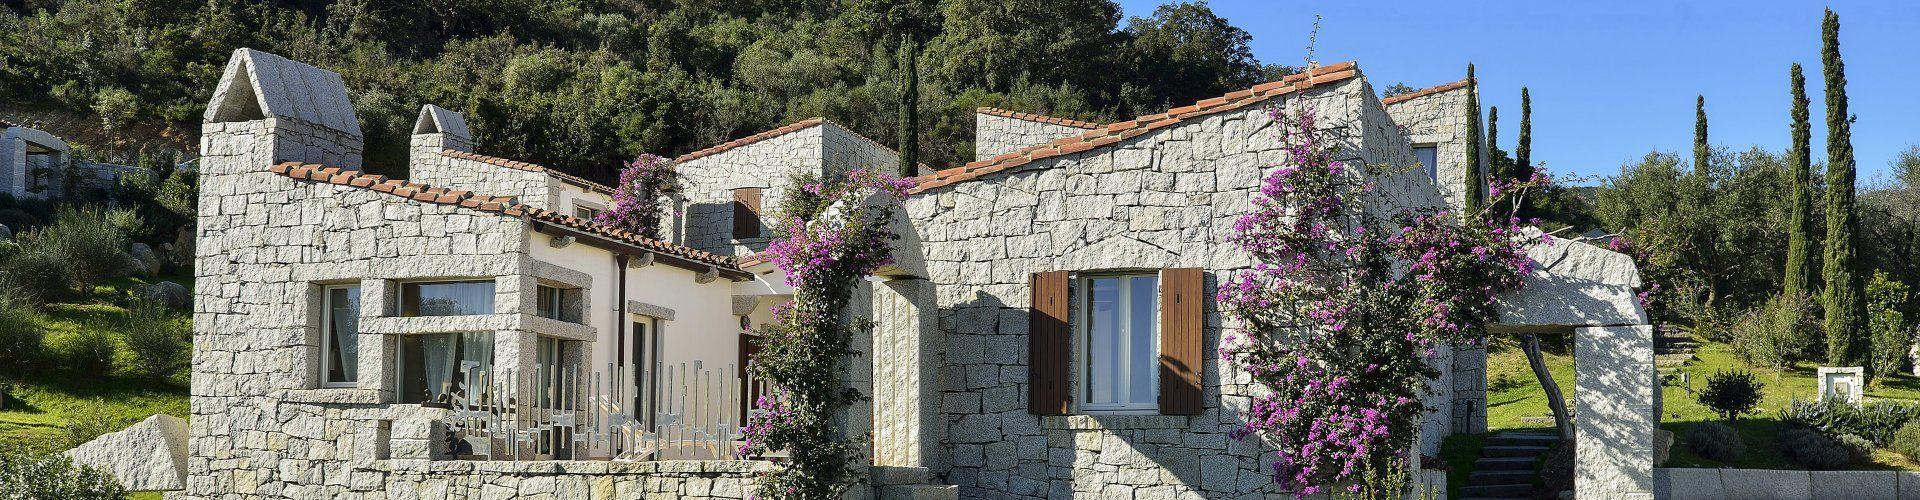 Ferienhaus in Südost Sardinien nahe Cala Sinzias